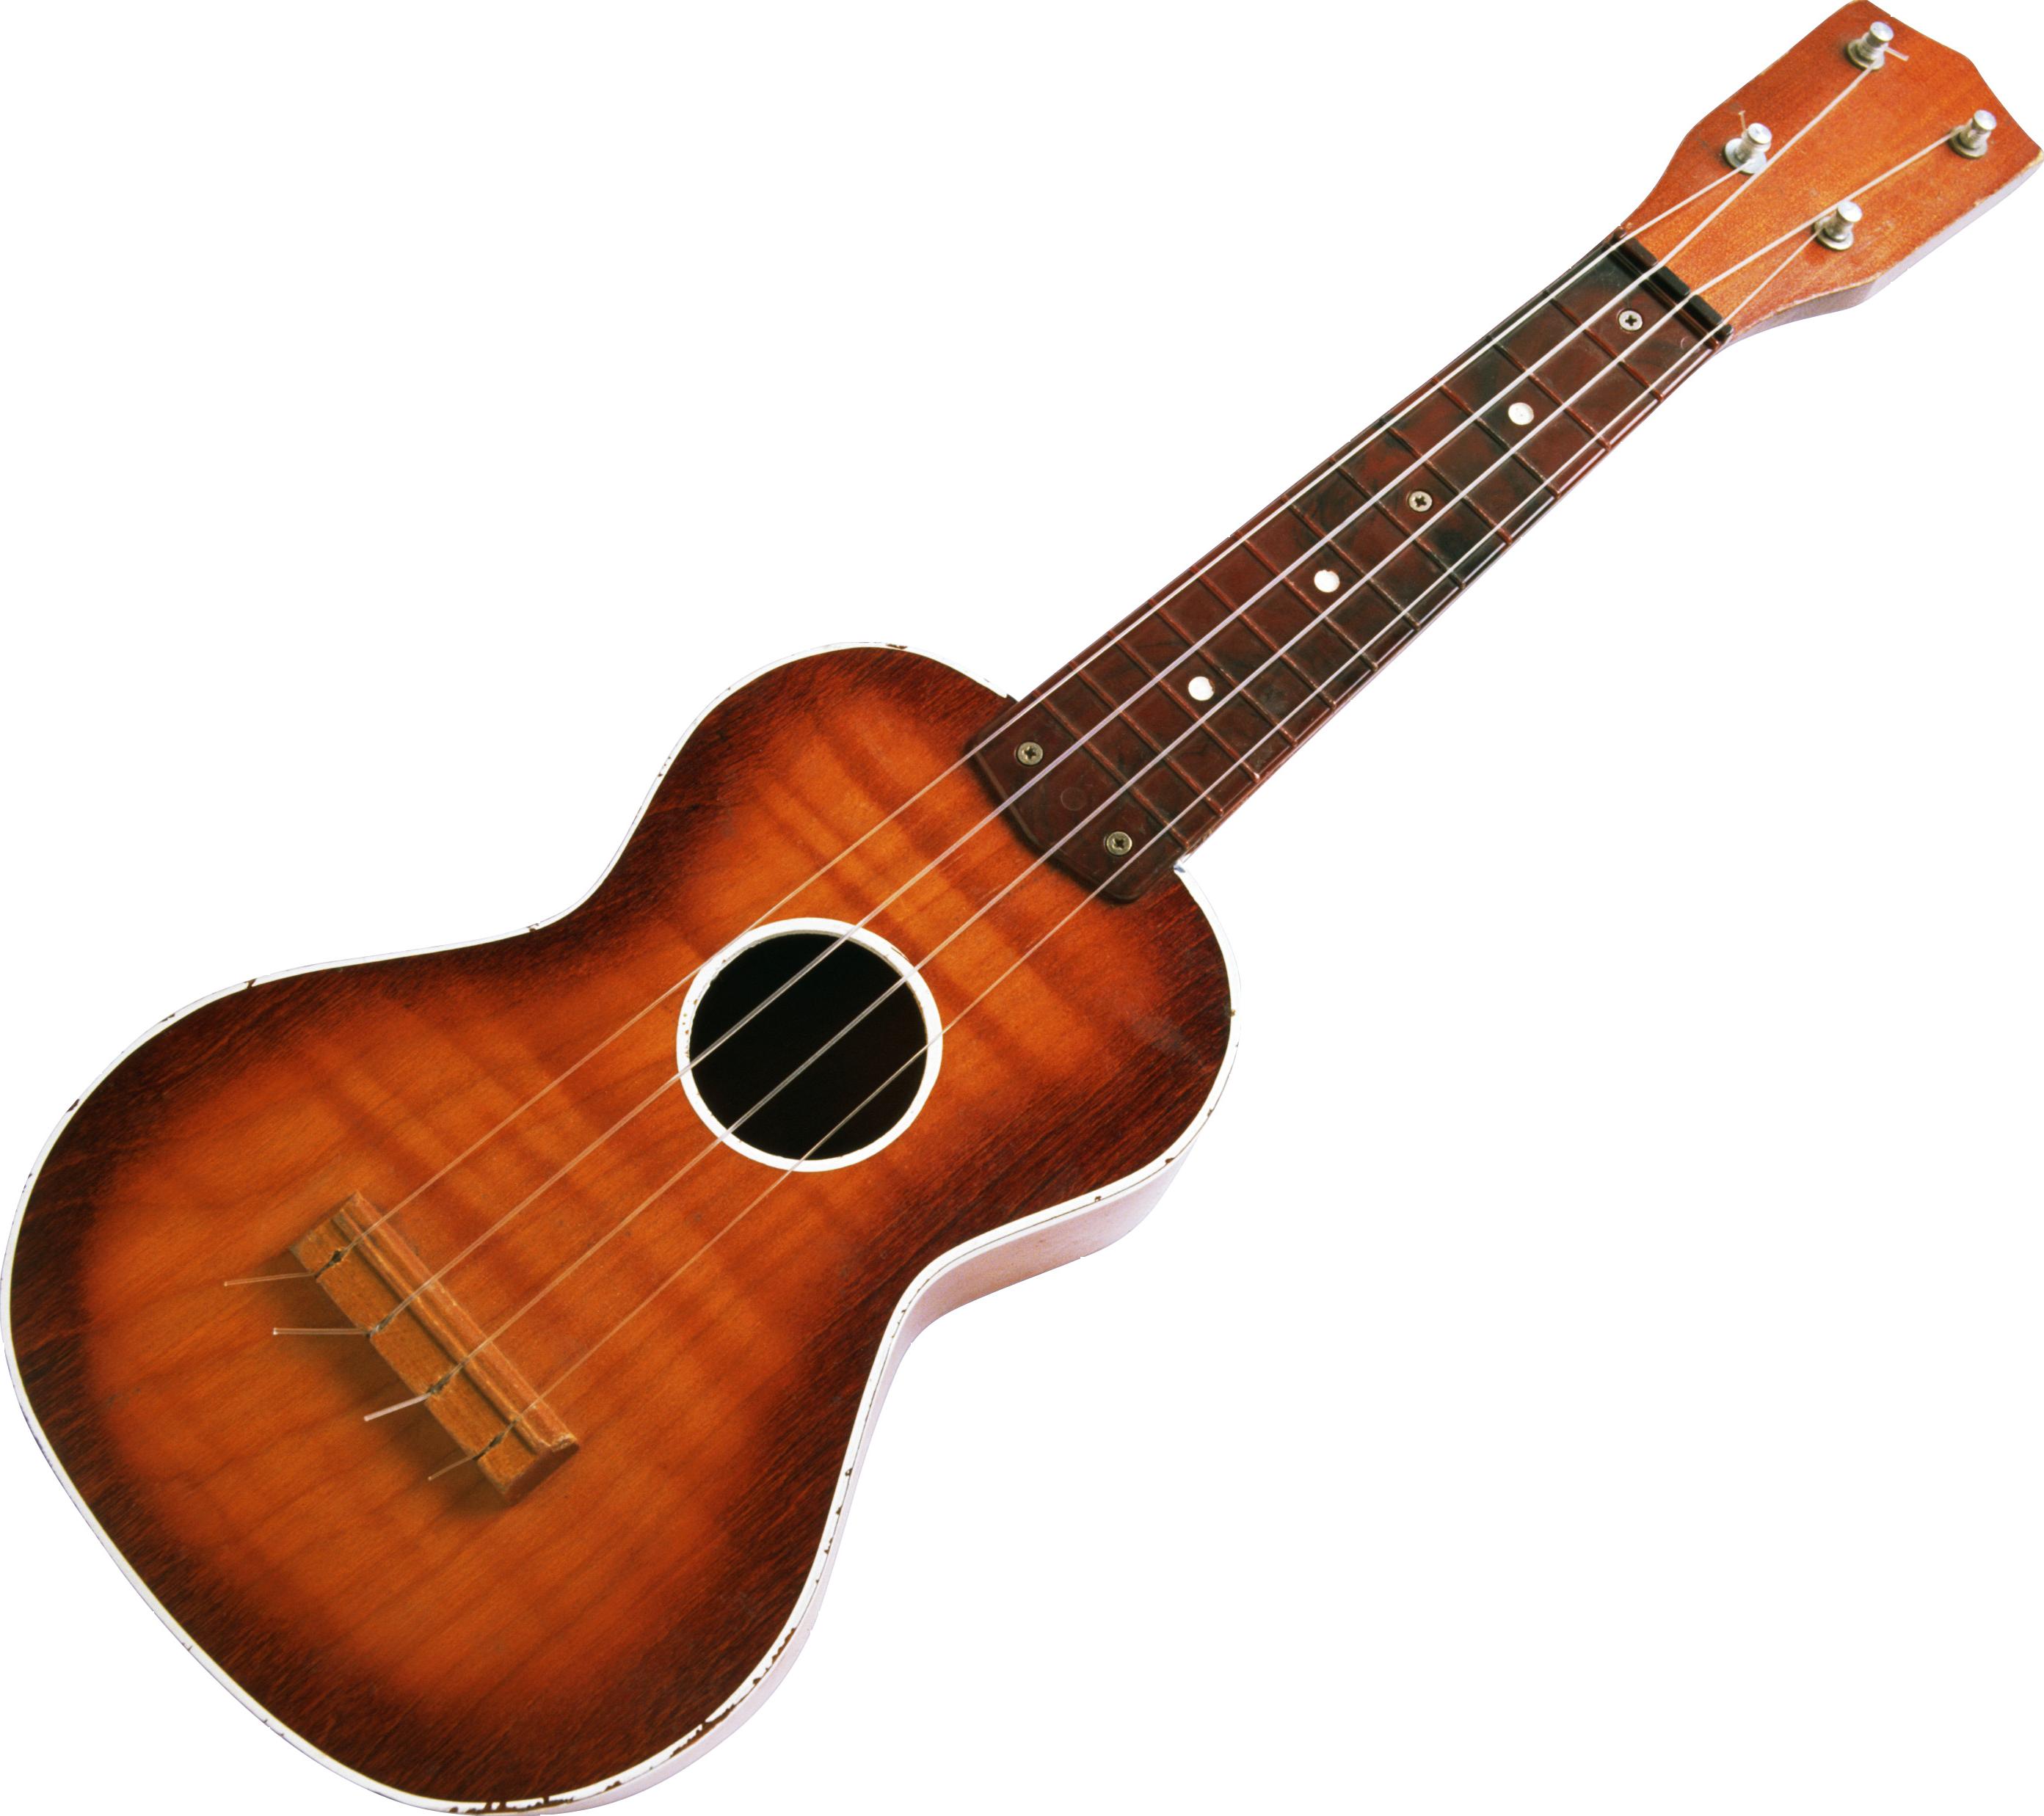 Guitar PNG - 8257